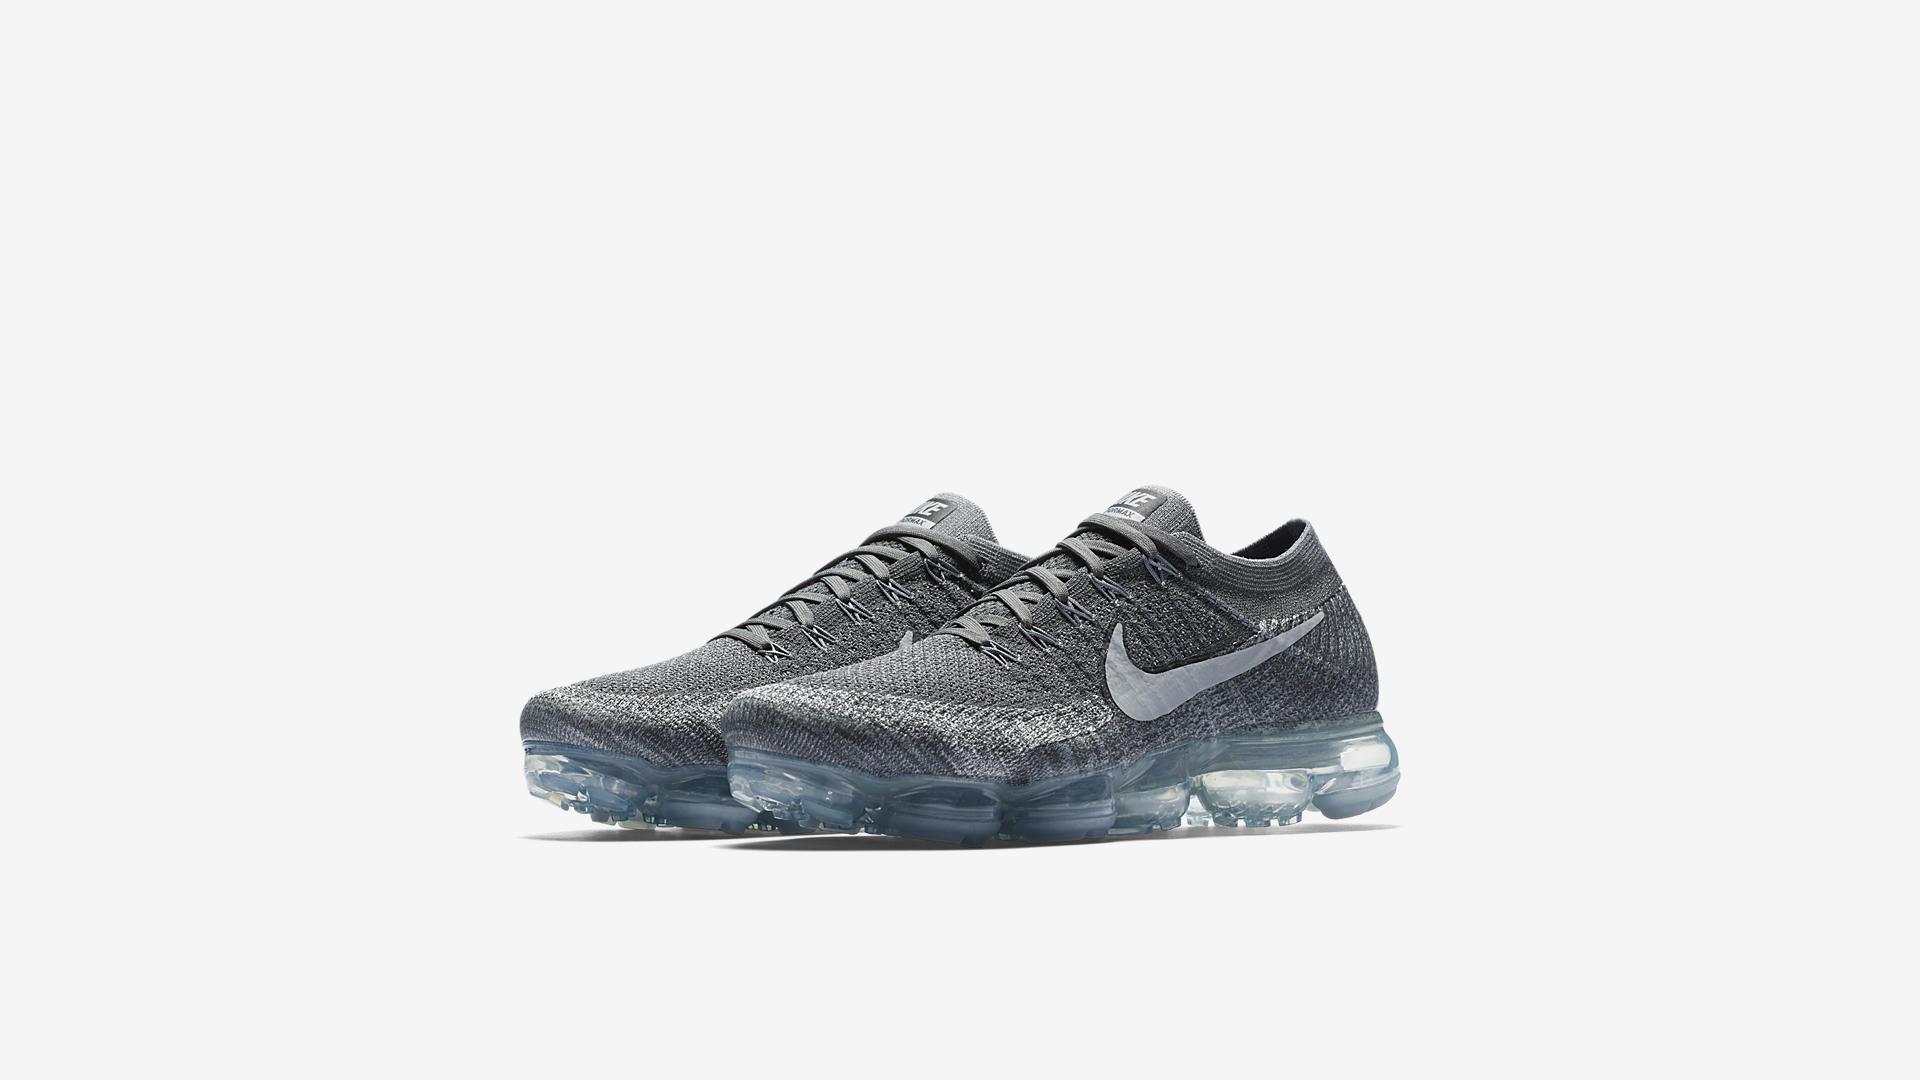 Nike Vapormax Flyknit Asphalt 849558 002 1